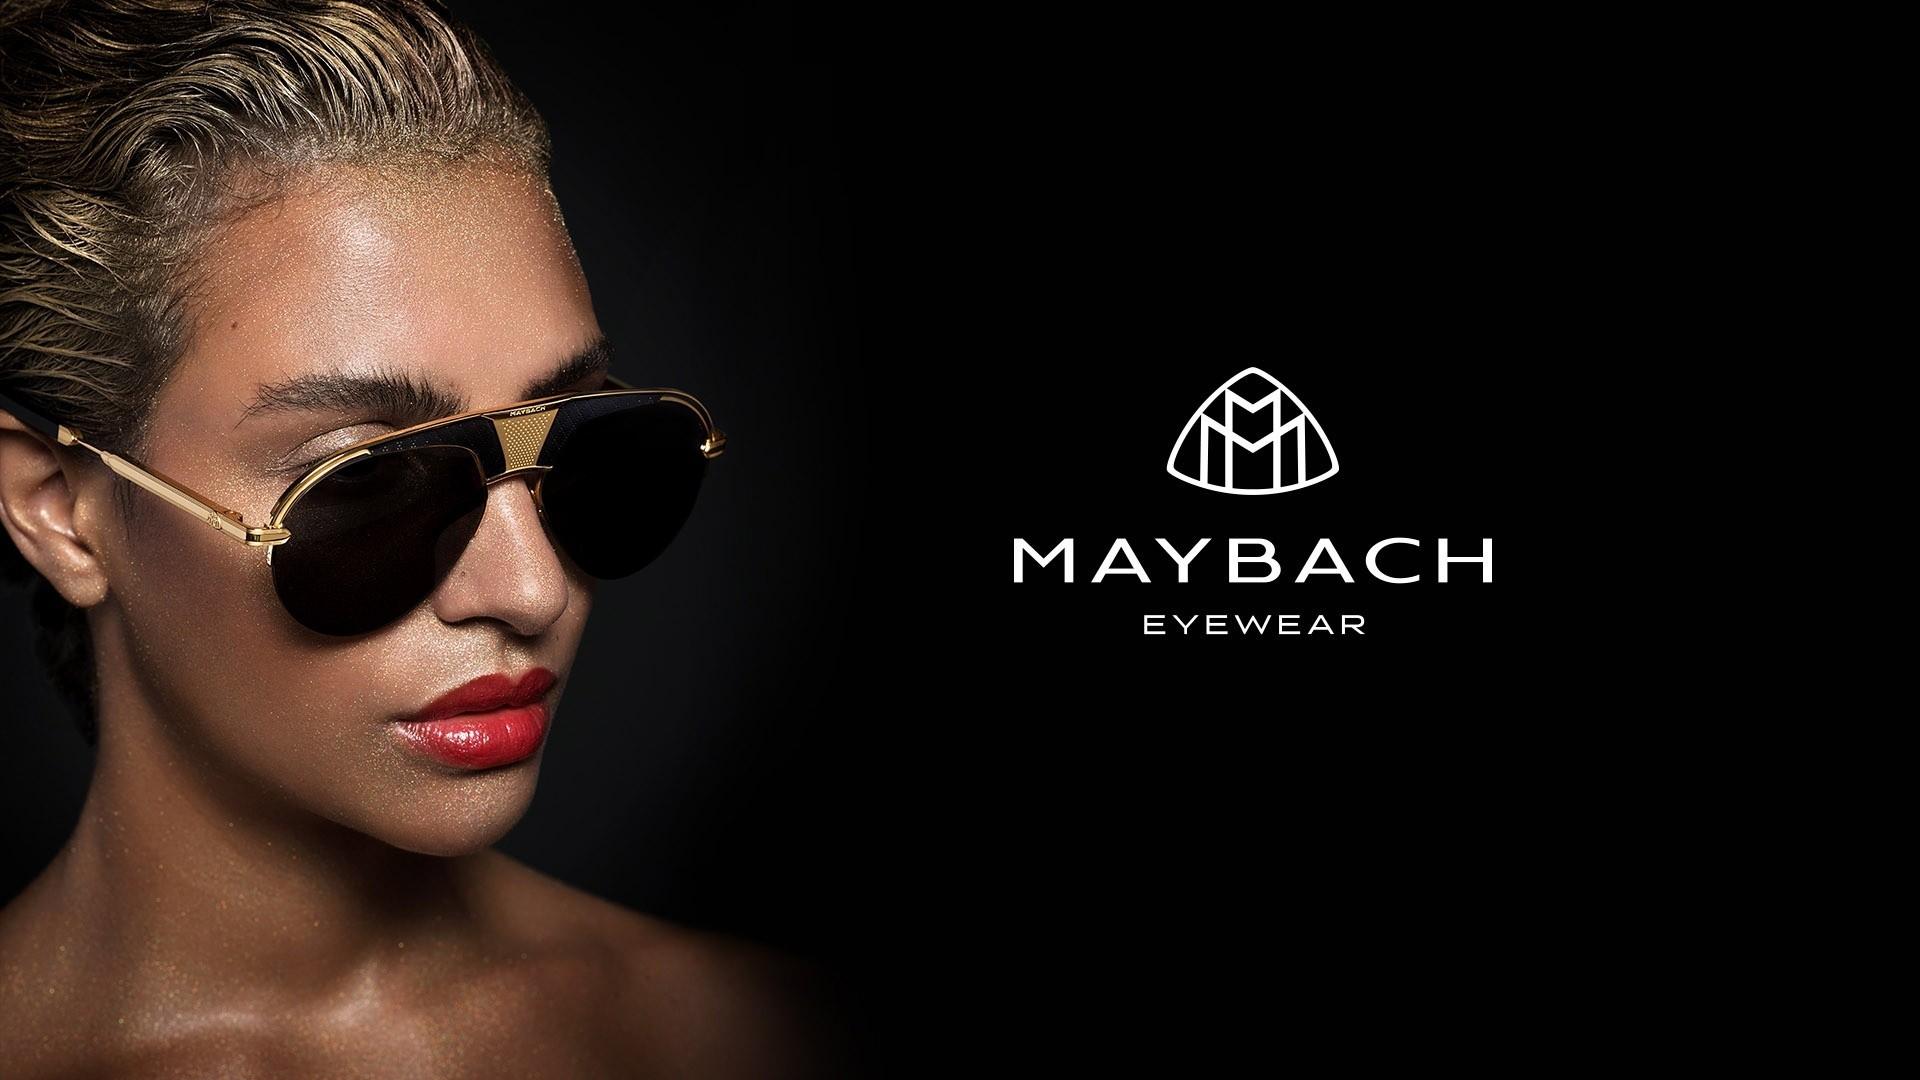 Nahaufnahme von einem Female Model in der linken Bildhälfte, das eine Maybach Sonnenbrille mit goldenen Details trägt und rechts großes Maybach Eyewear Logo.